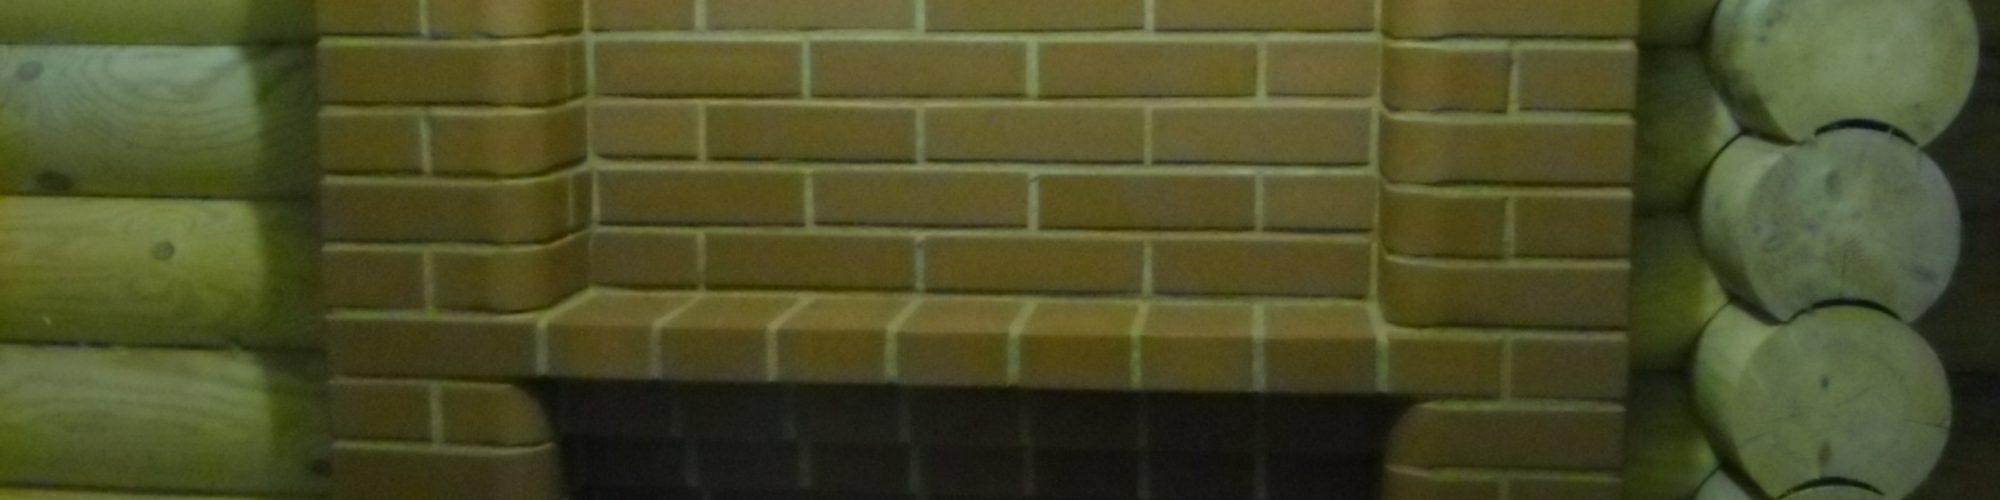 Банная печь, топка через стену.